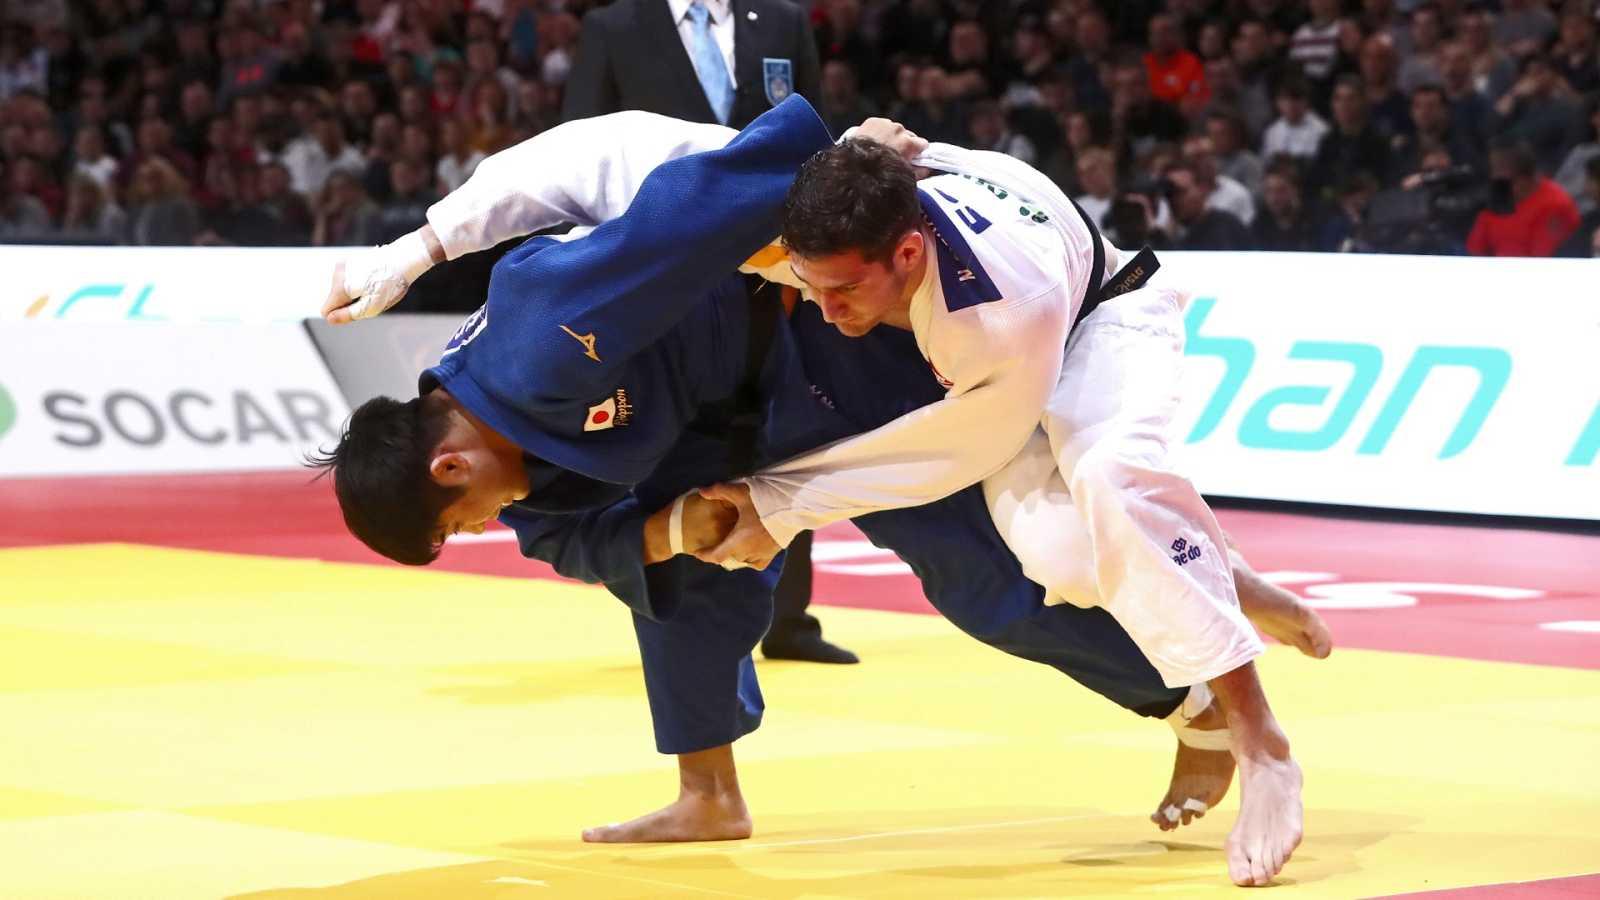 El judo quiere volver al tatami